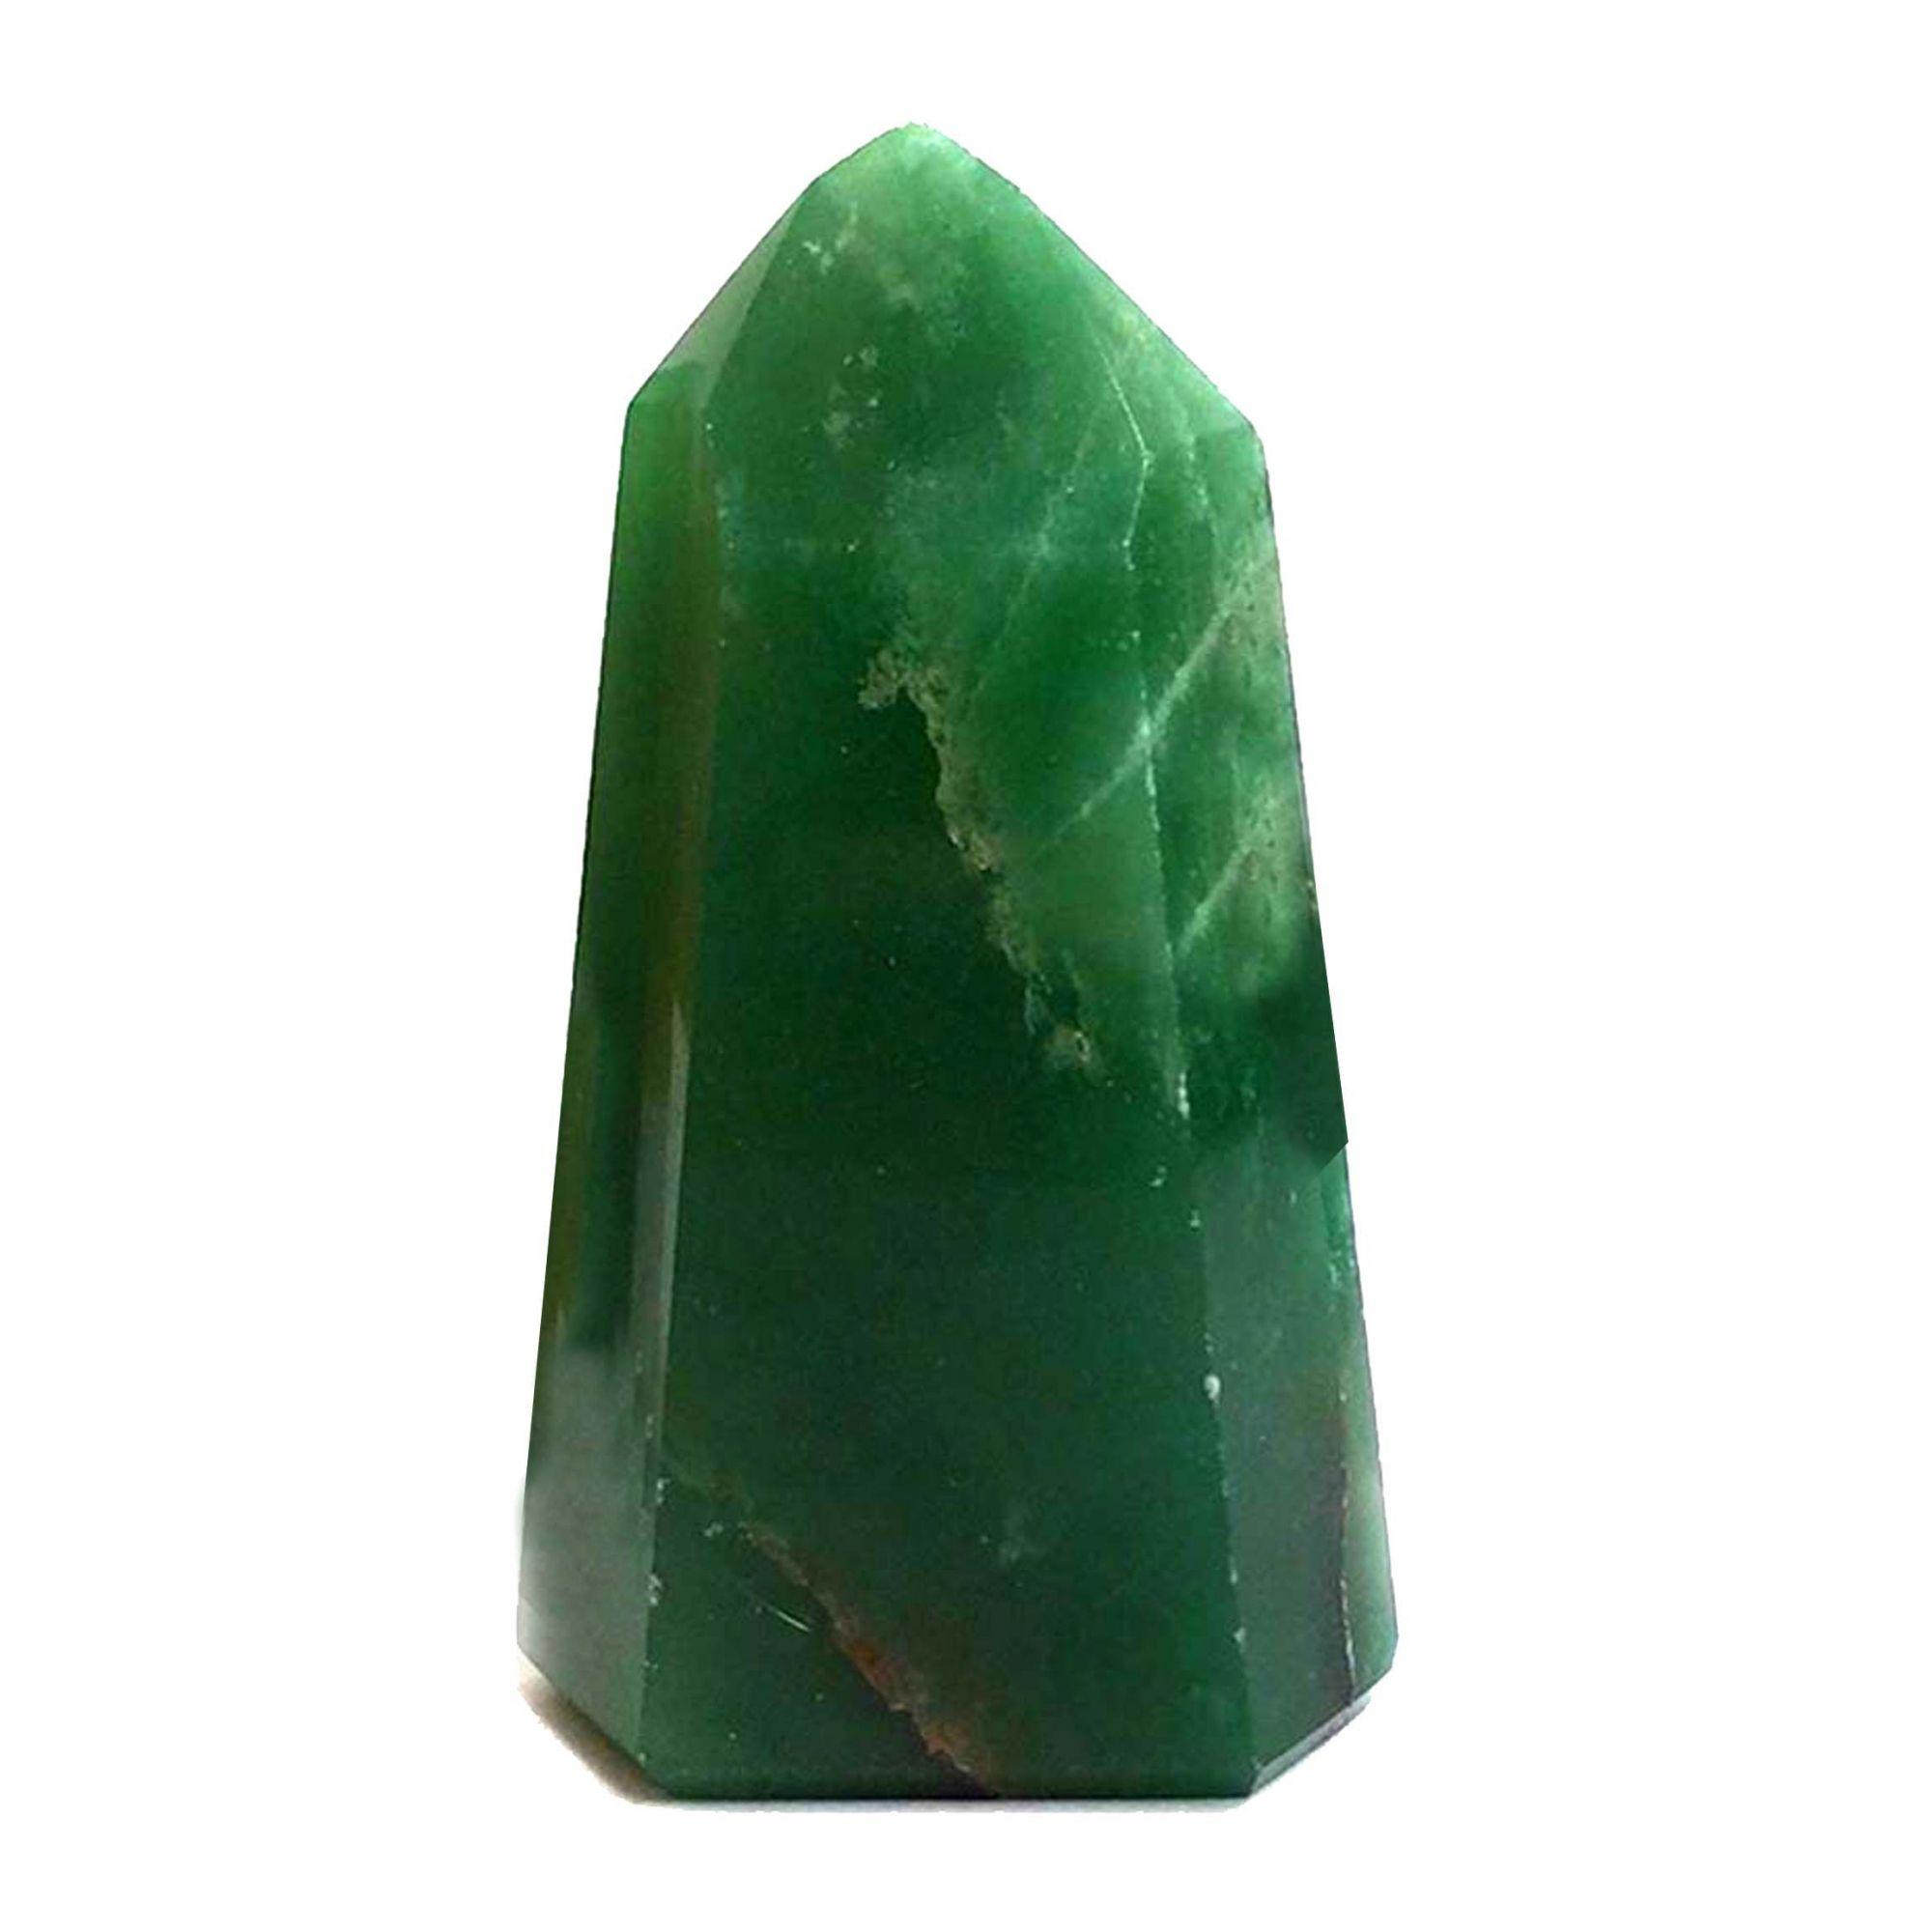 Ponta de Cristal Gerador Quartzo Verde Média